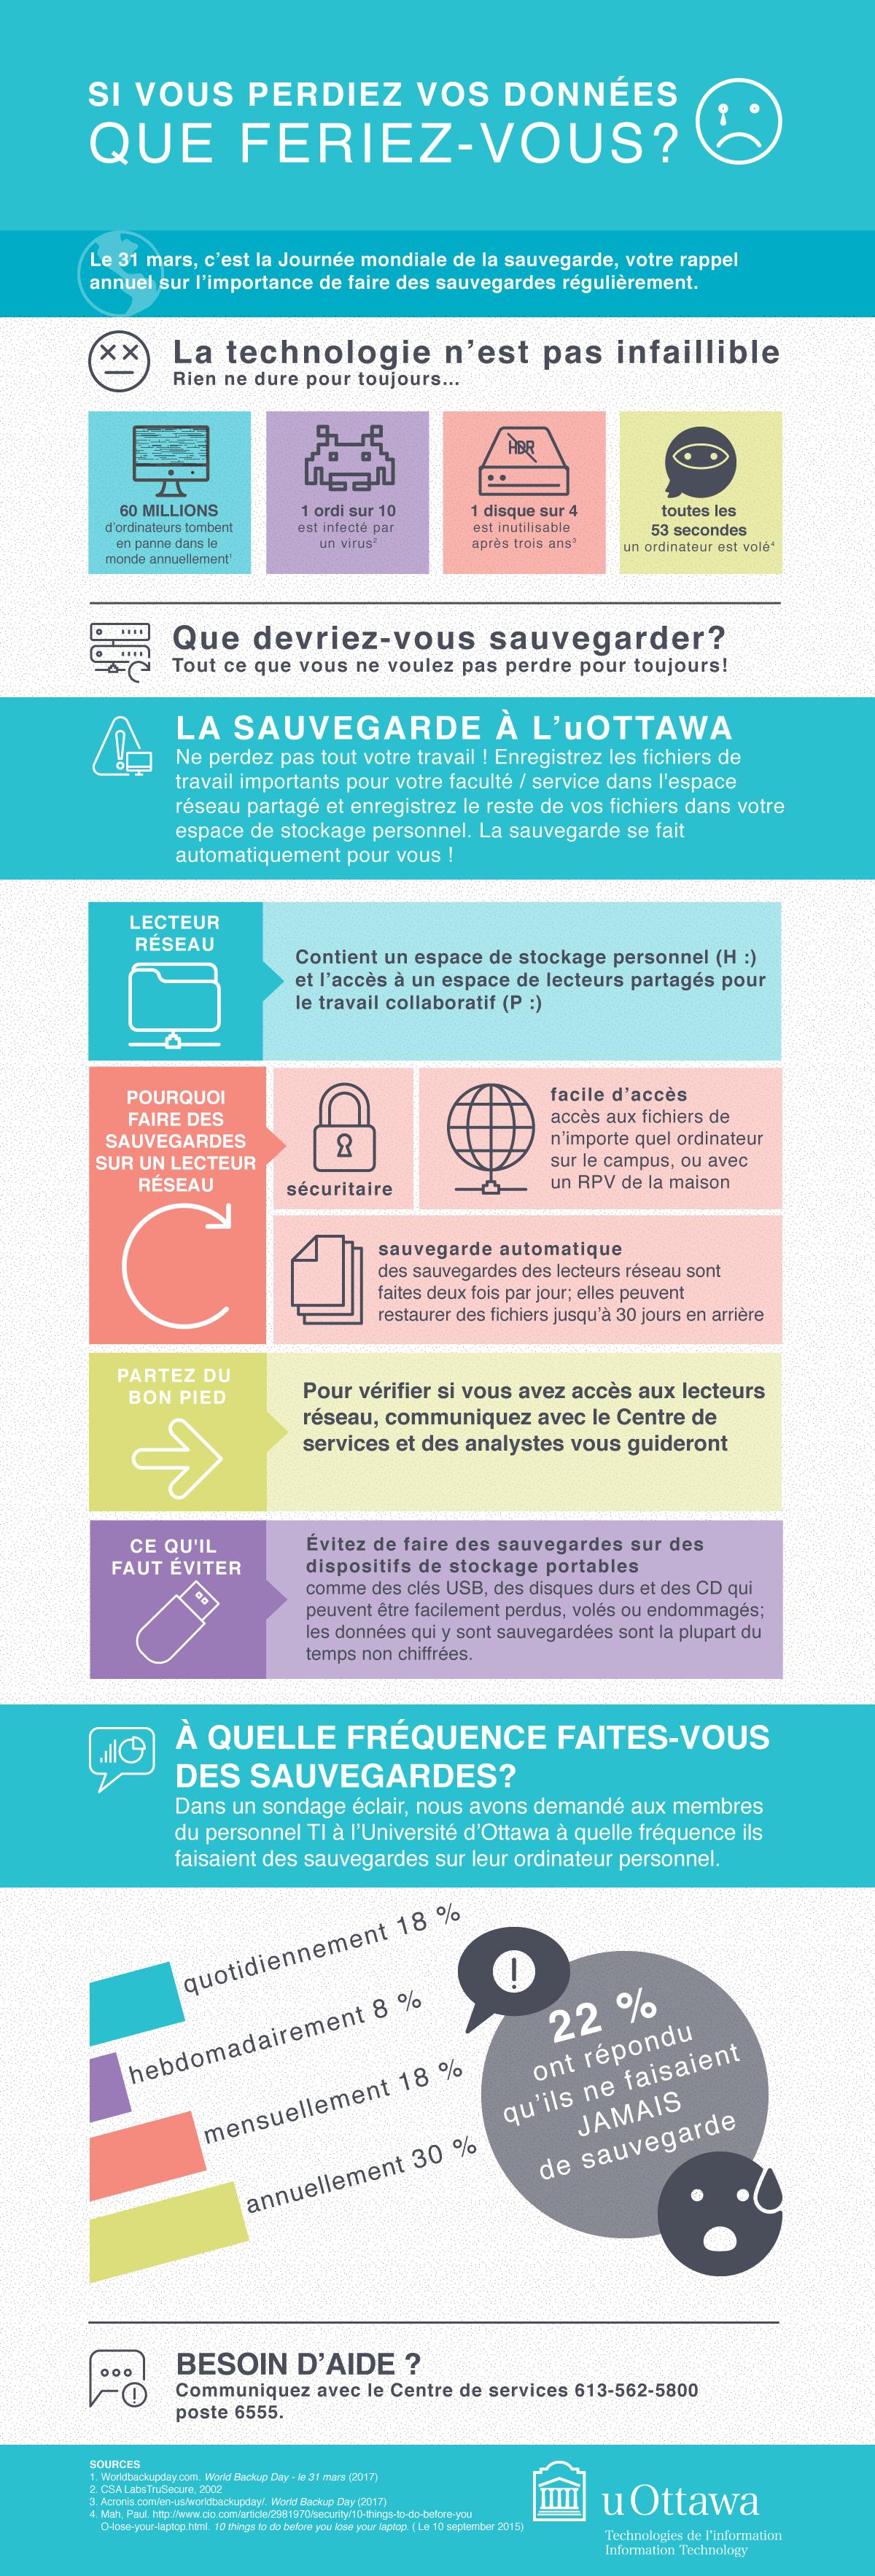 Inforgraphique pour la Journée mondiale de la sauvegarde. Si vous perdiez vos données que feriez-vous?